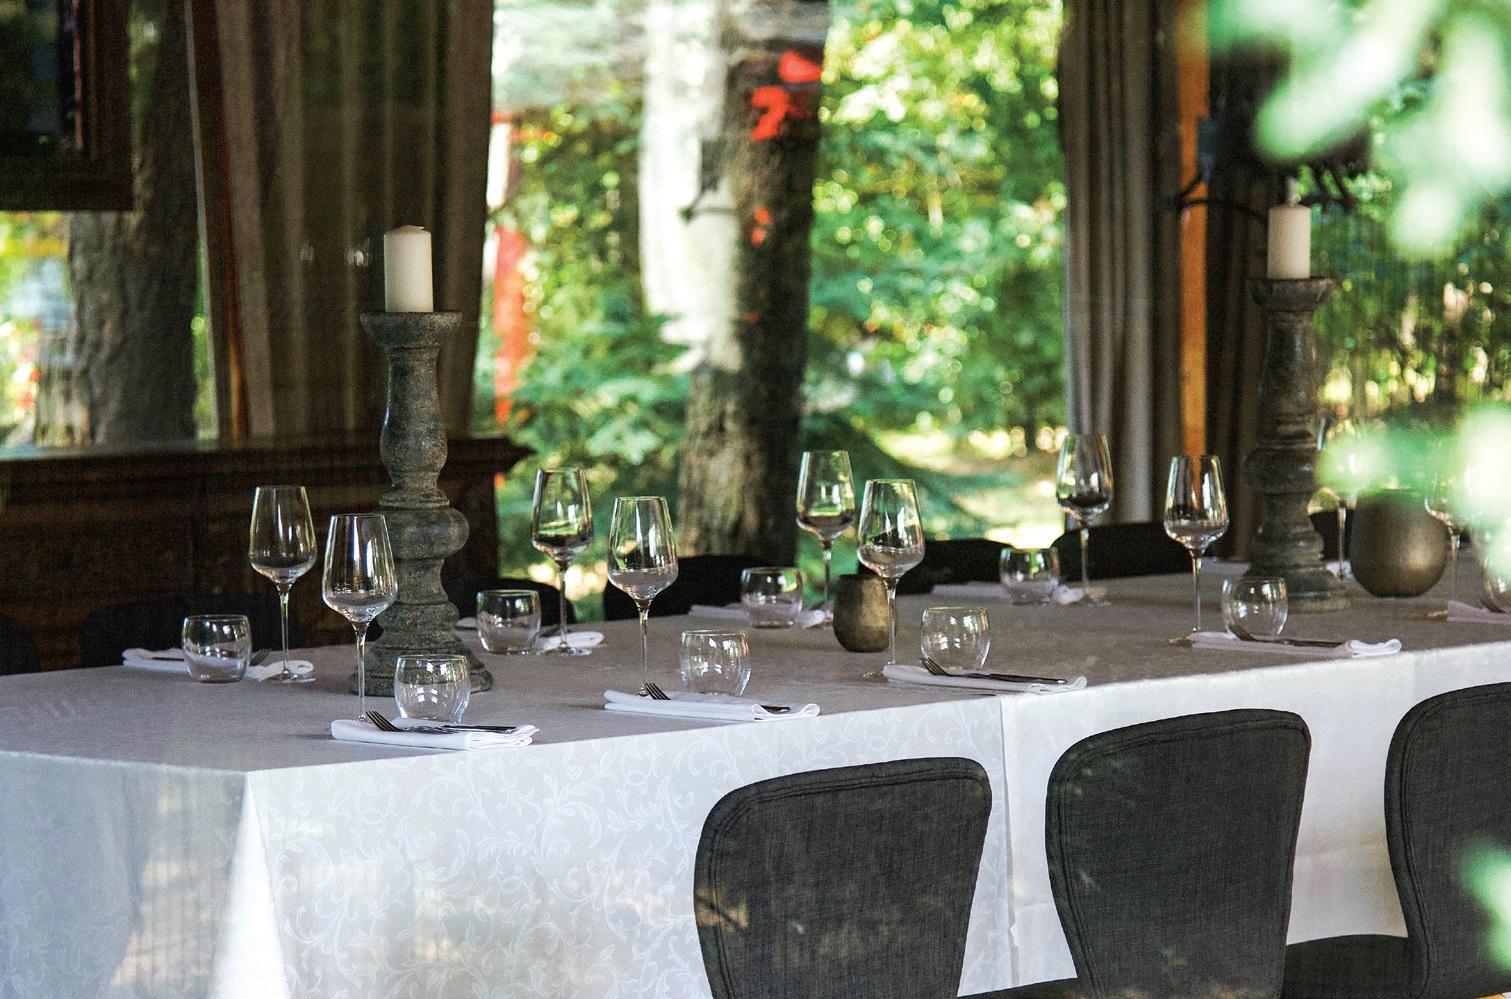 """""""Nendrinėje pastogėje"""" gausu įvairiausių erdvių, kurios puikiai tiks ne tik vakarienei artimiausiųjų būryje, bet ir didesniems susitikimams. Viktorijos Paškelytės nuotr."""